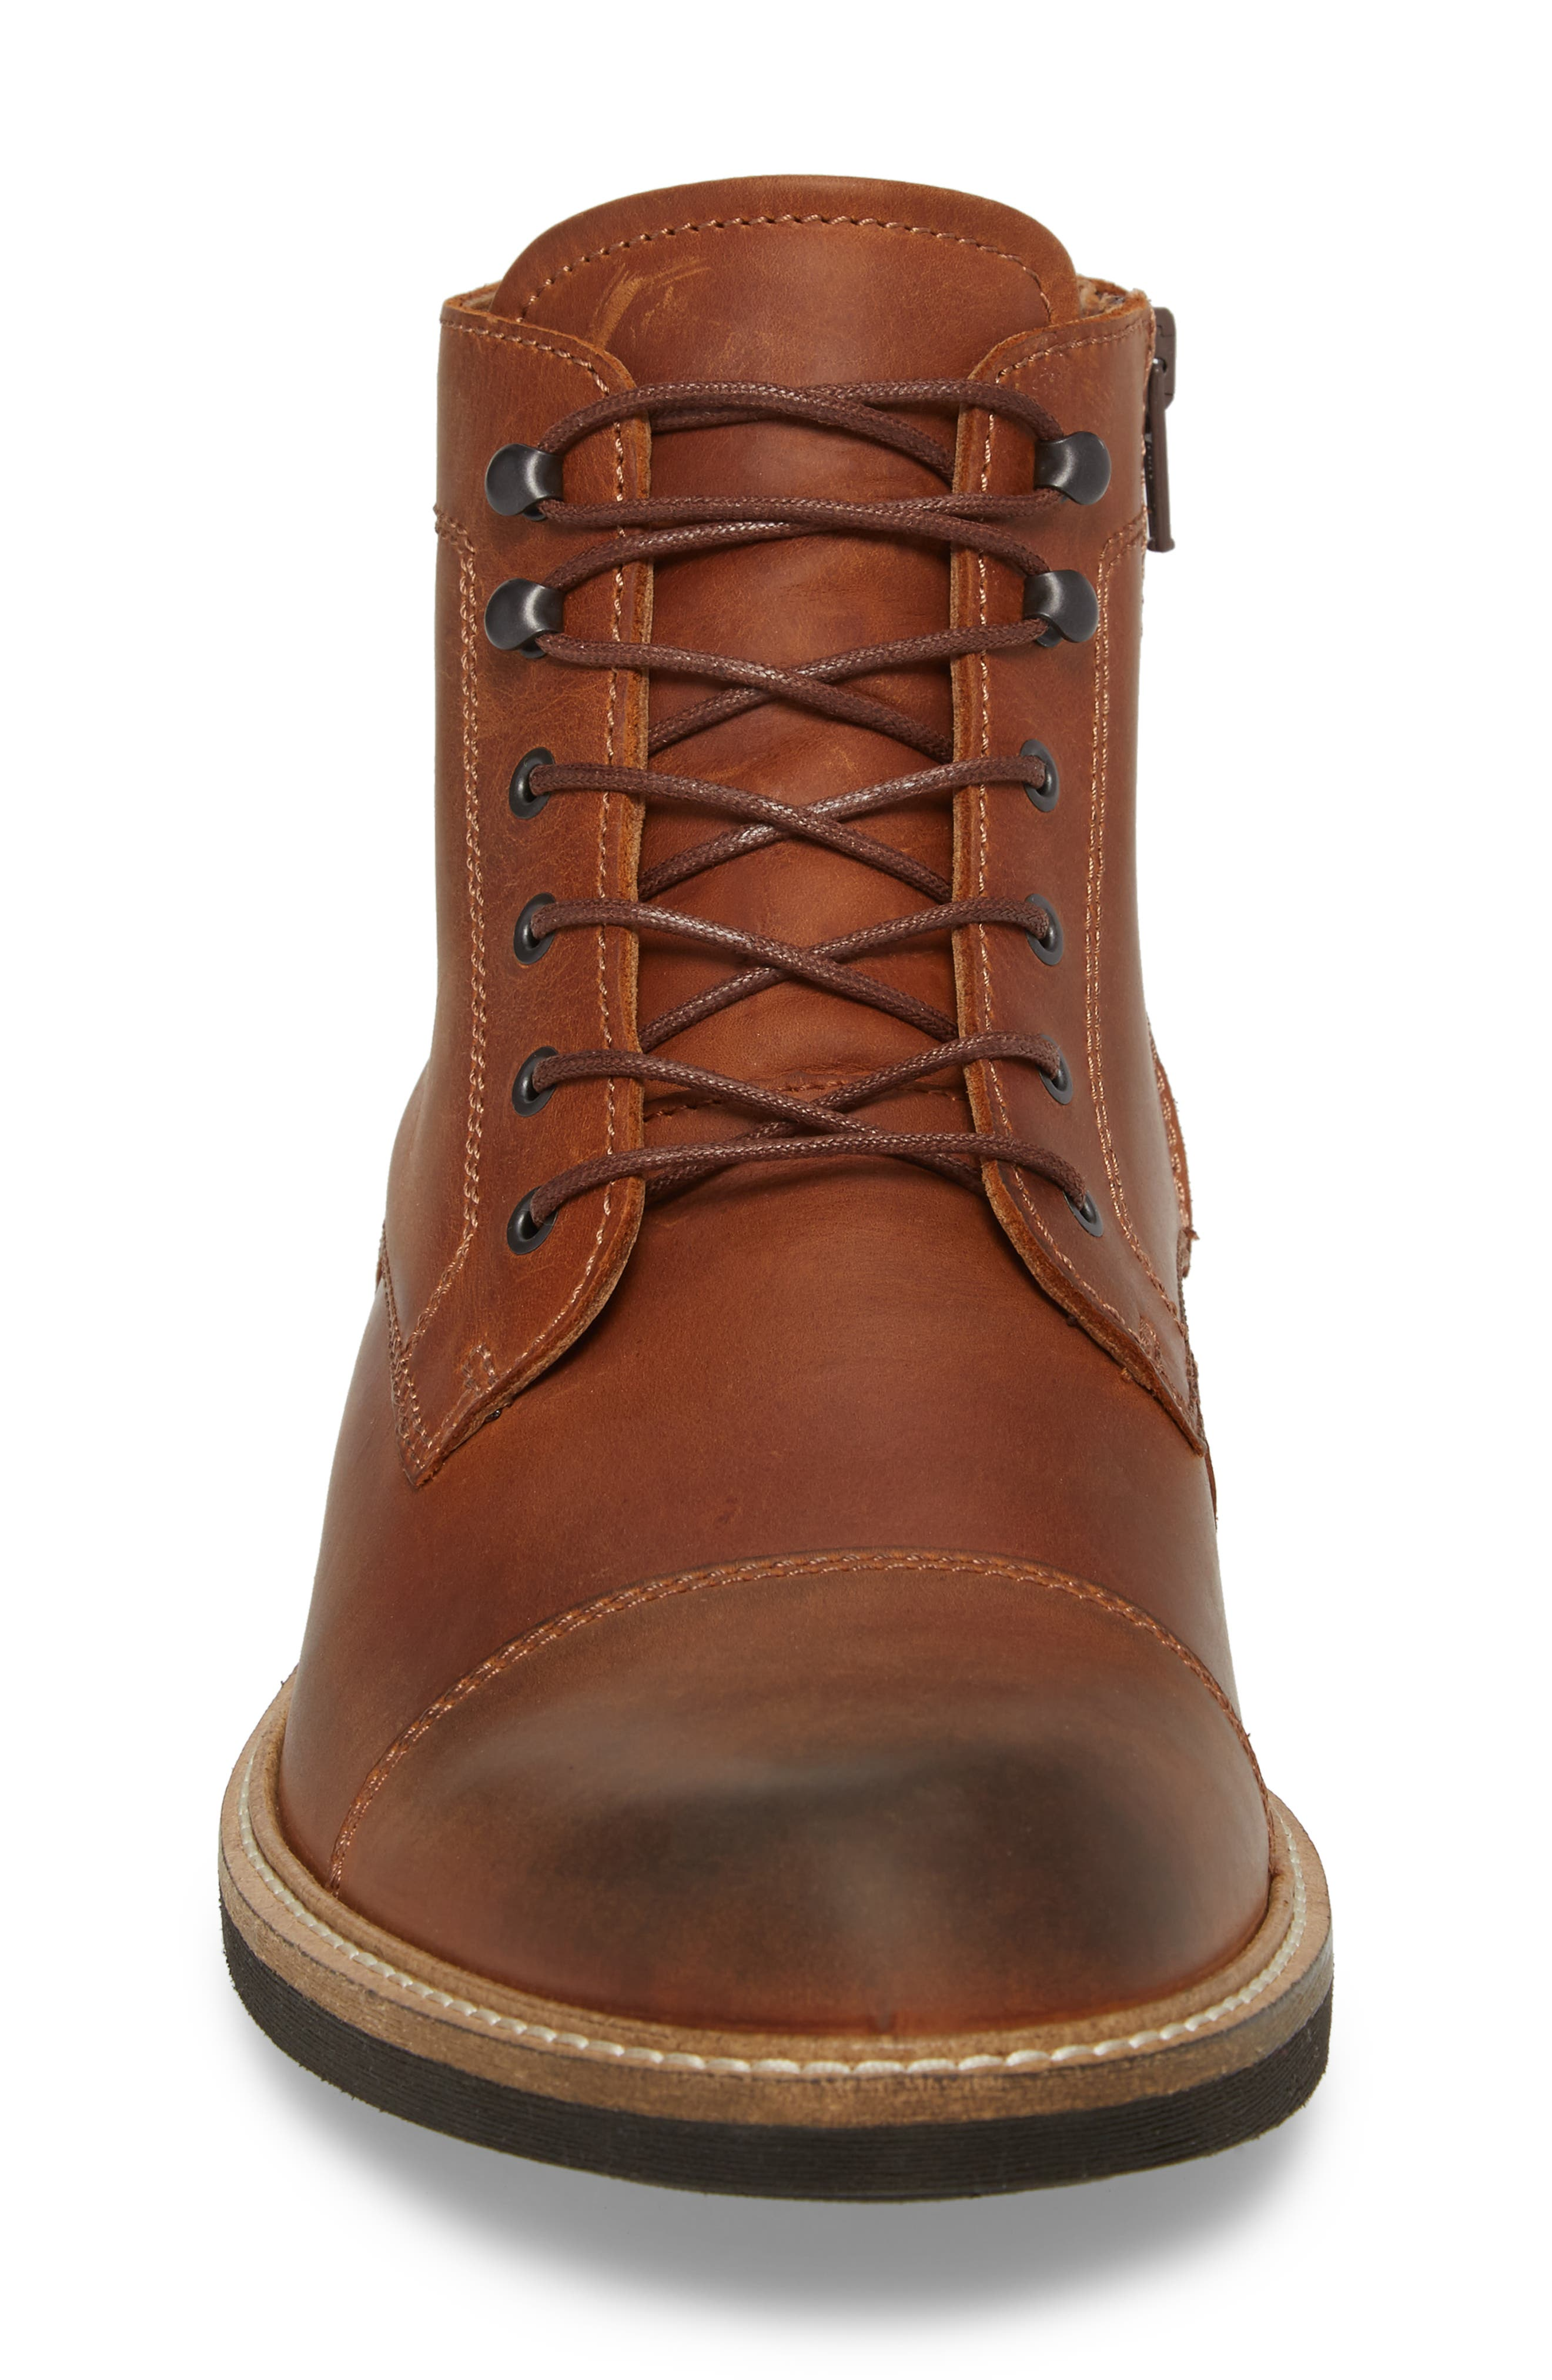 Kenton Vintage Cap Toe Boot,                             Alternate thumbnail 4, color,                             COGNAC LEATHER